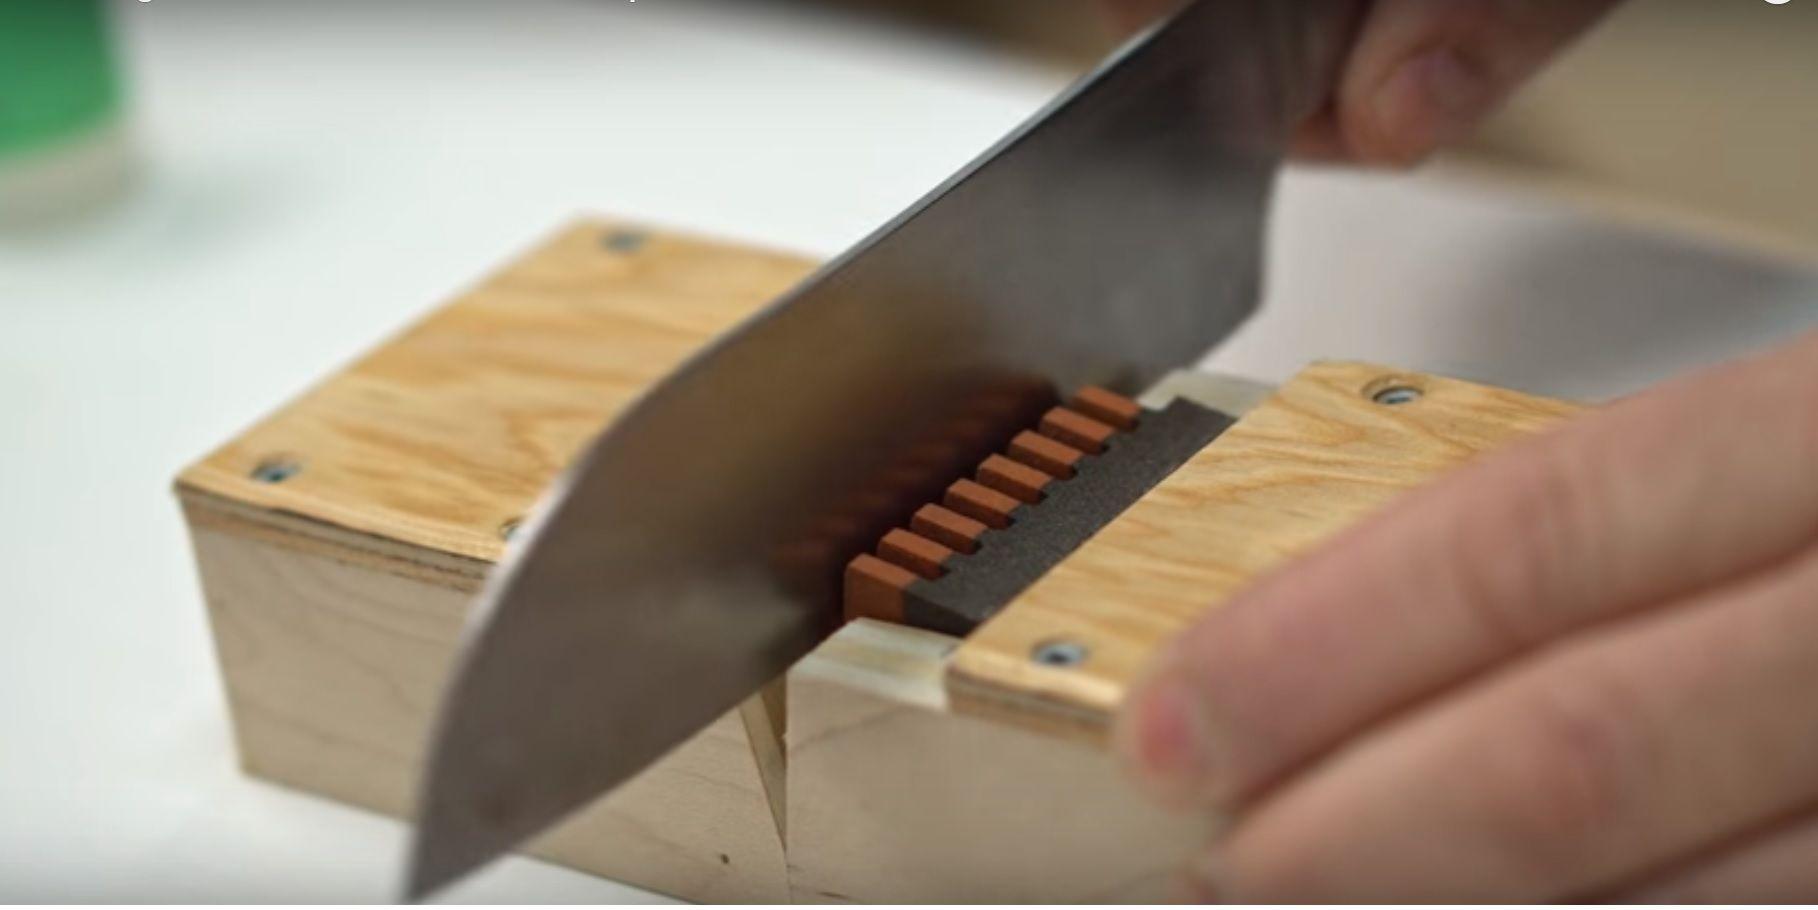 Come affilare i coltelli alla perfezione